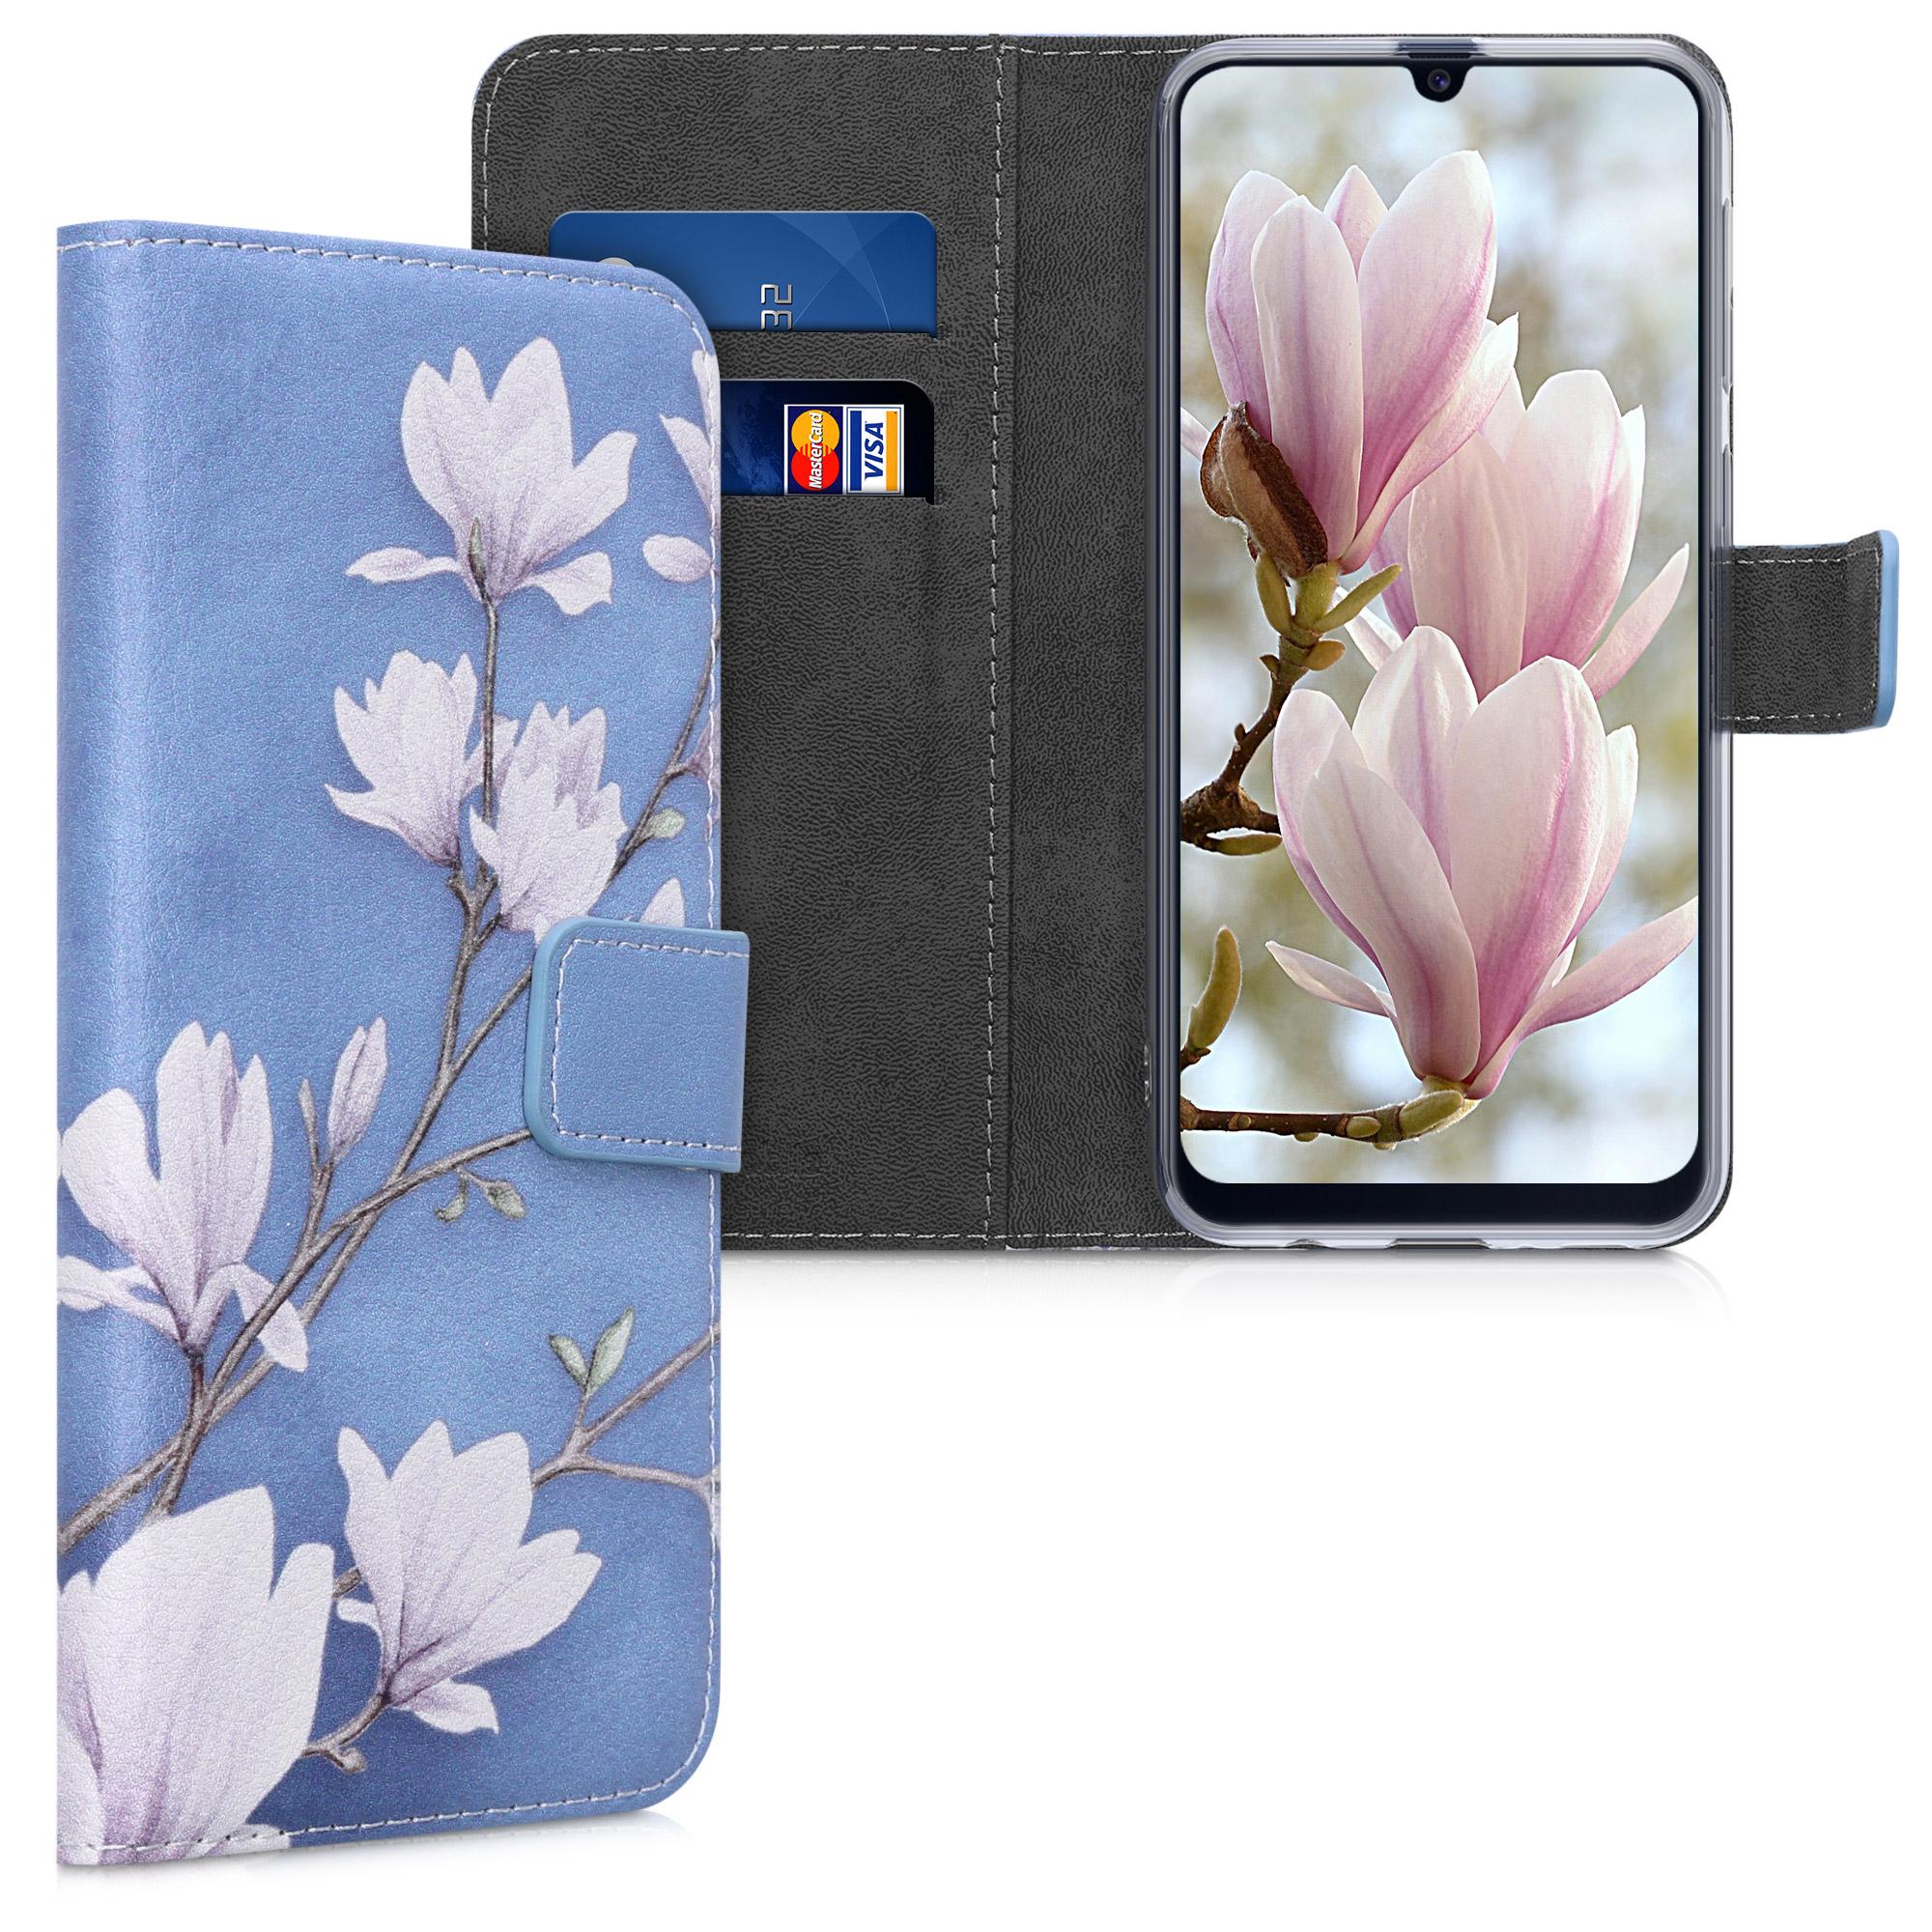 AKCE IHNED! Kožené pouzdro pro Samsung M21 - Magnolie Taupe / bílá / modrá šedá